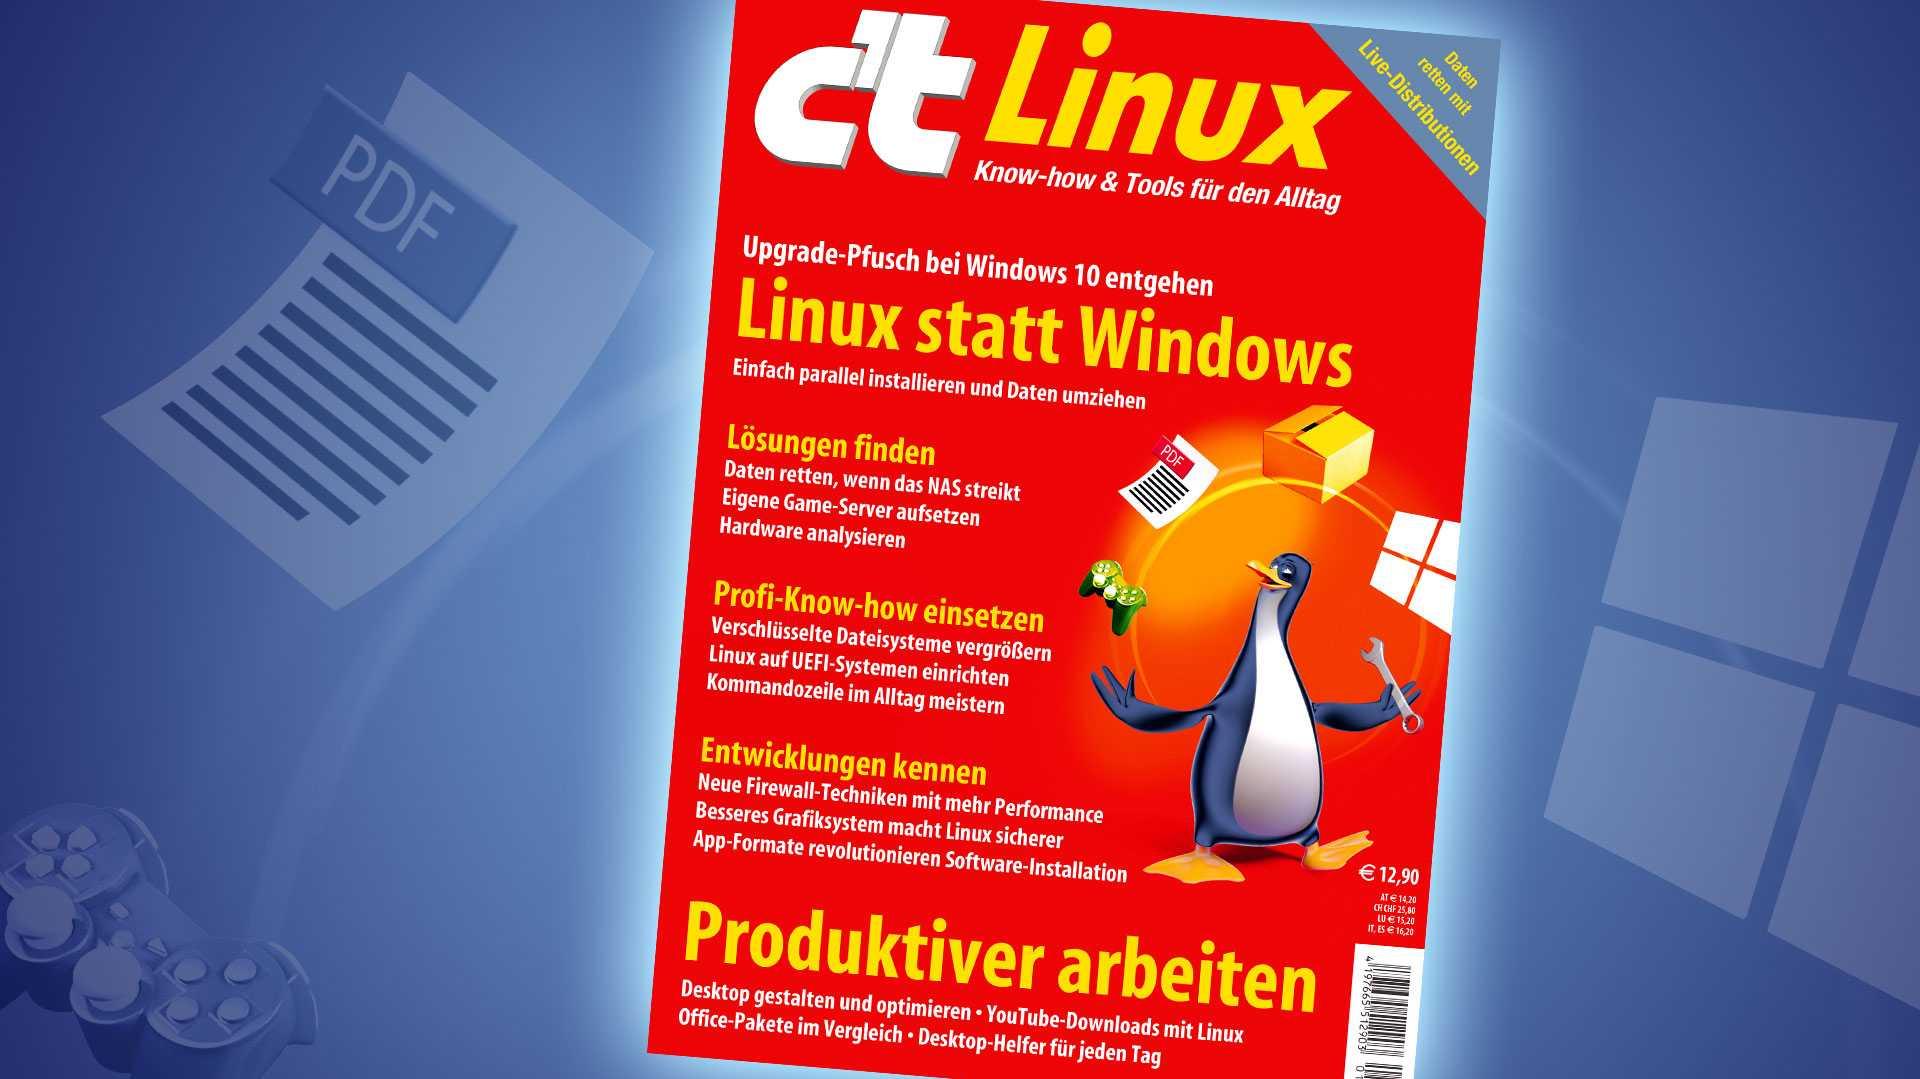 c't Linux: 2019: Jetzt von Windows auf Linux umsteigen